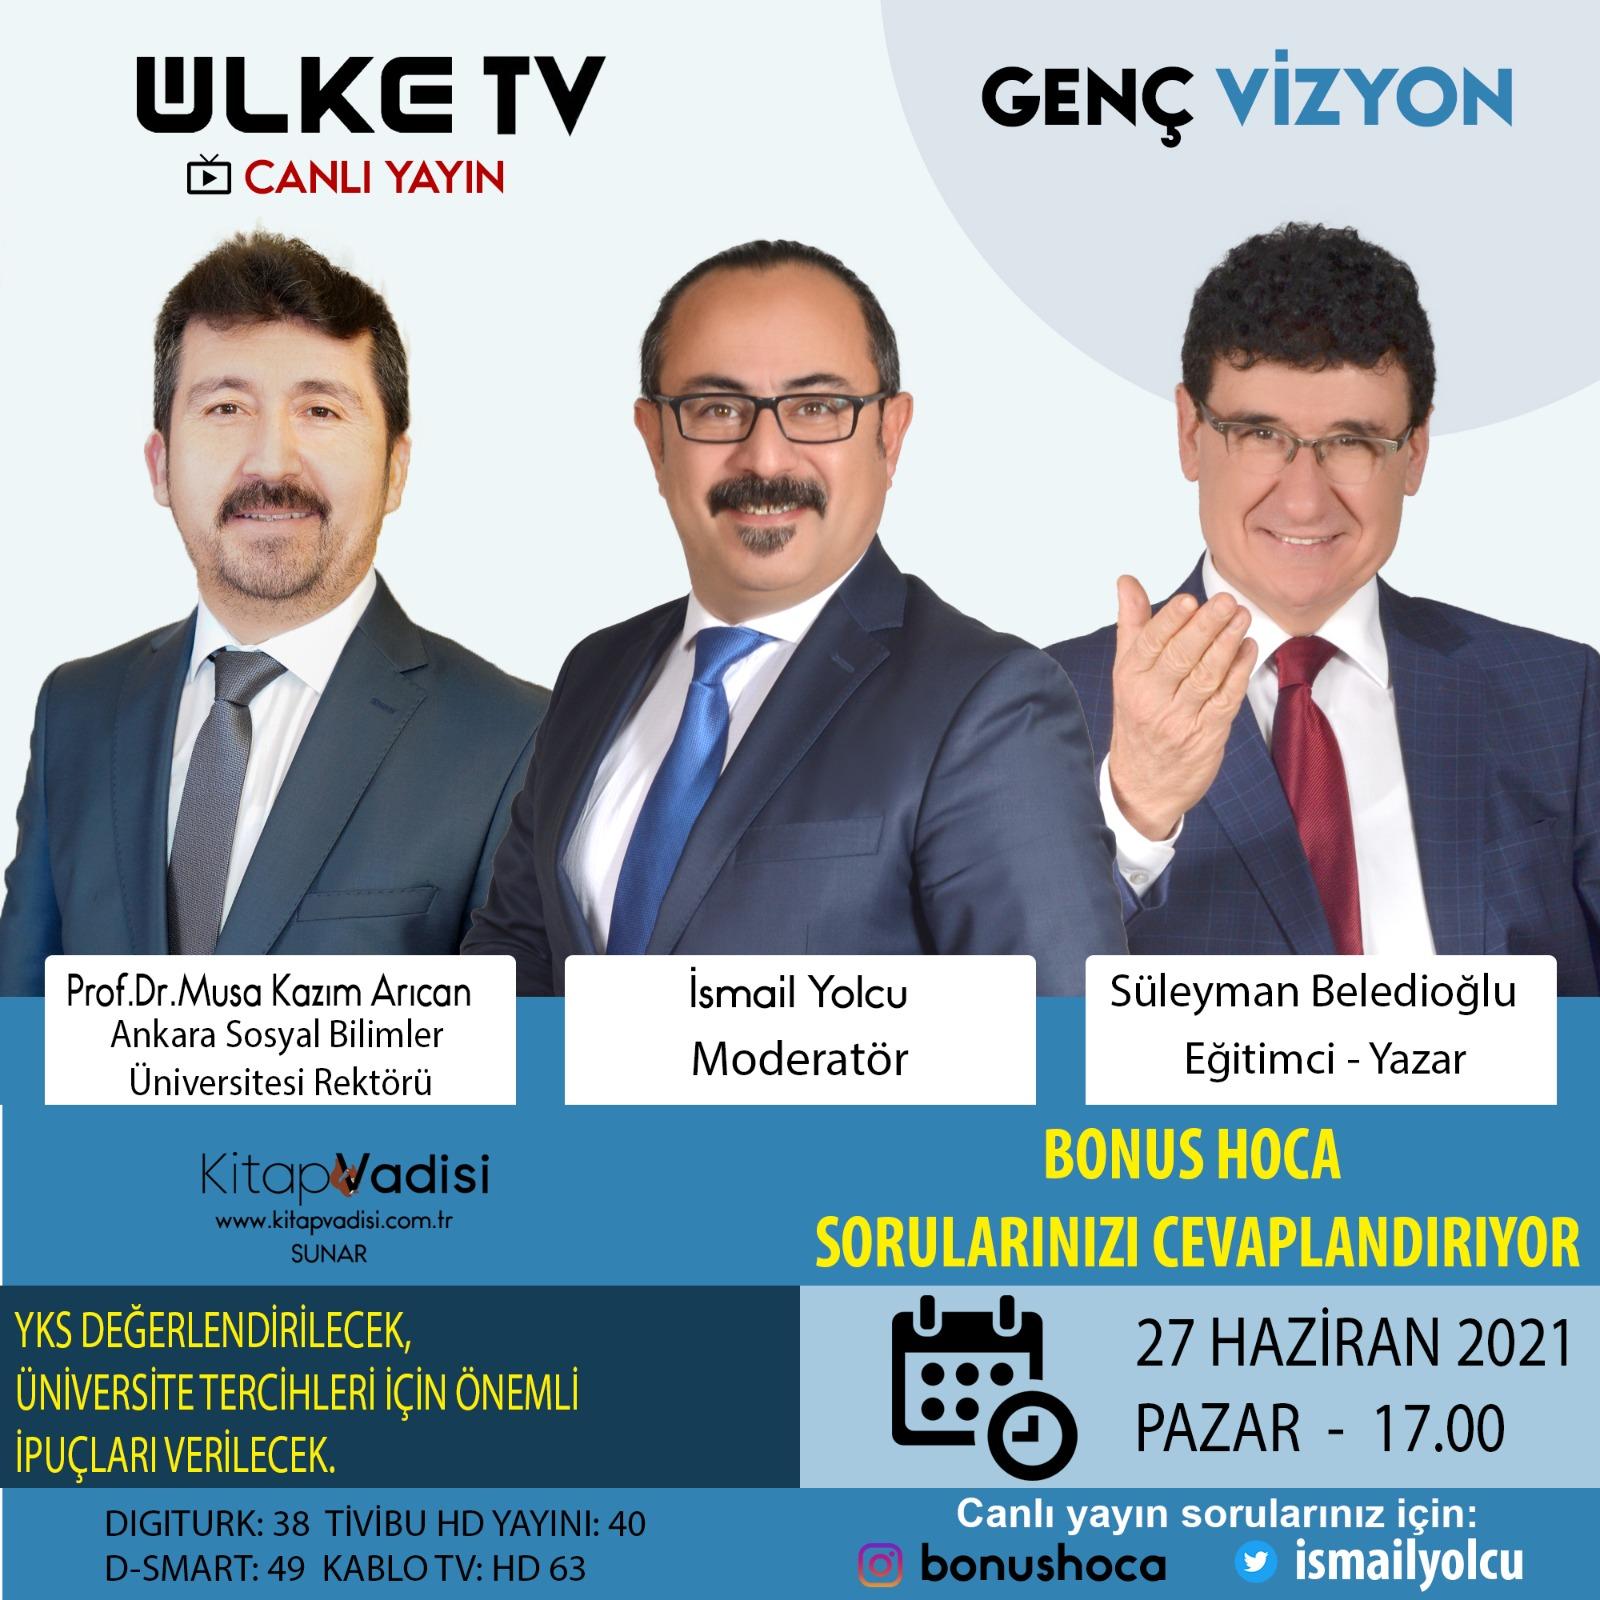 Genel Başkan Arıcan, Ülke TV'de Konuşacak